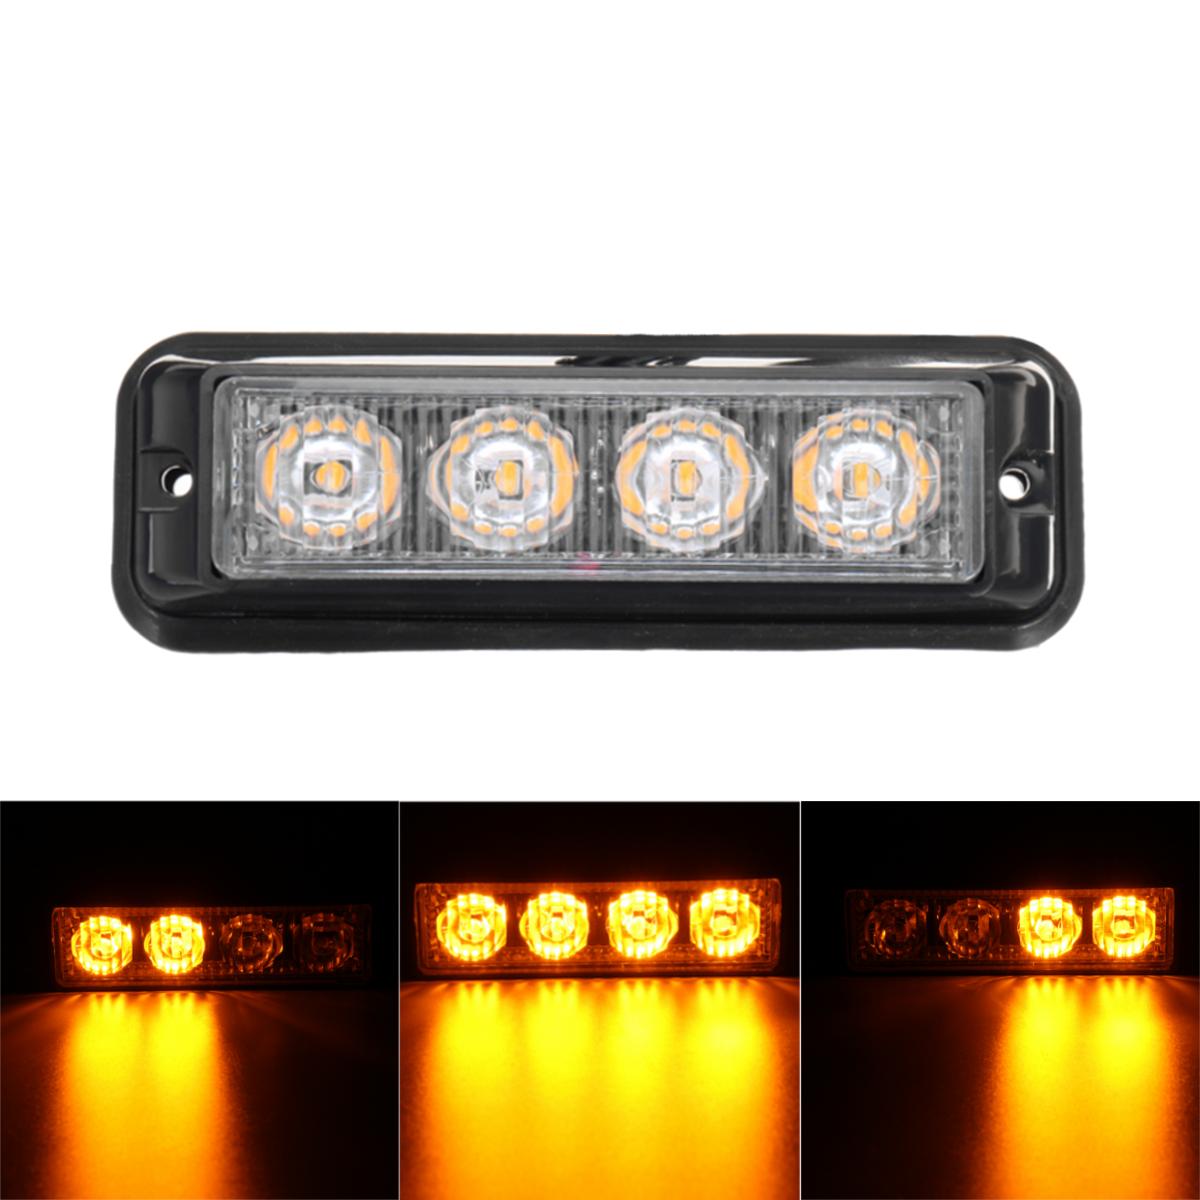 4W LED Strobe Flash Свет бокового маркера Аварийное предупреждение маяка Лампа Желтый 12V-24V для грузовика Авто